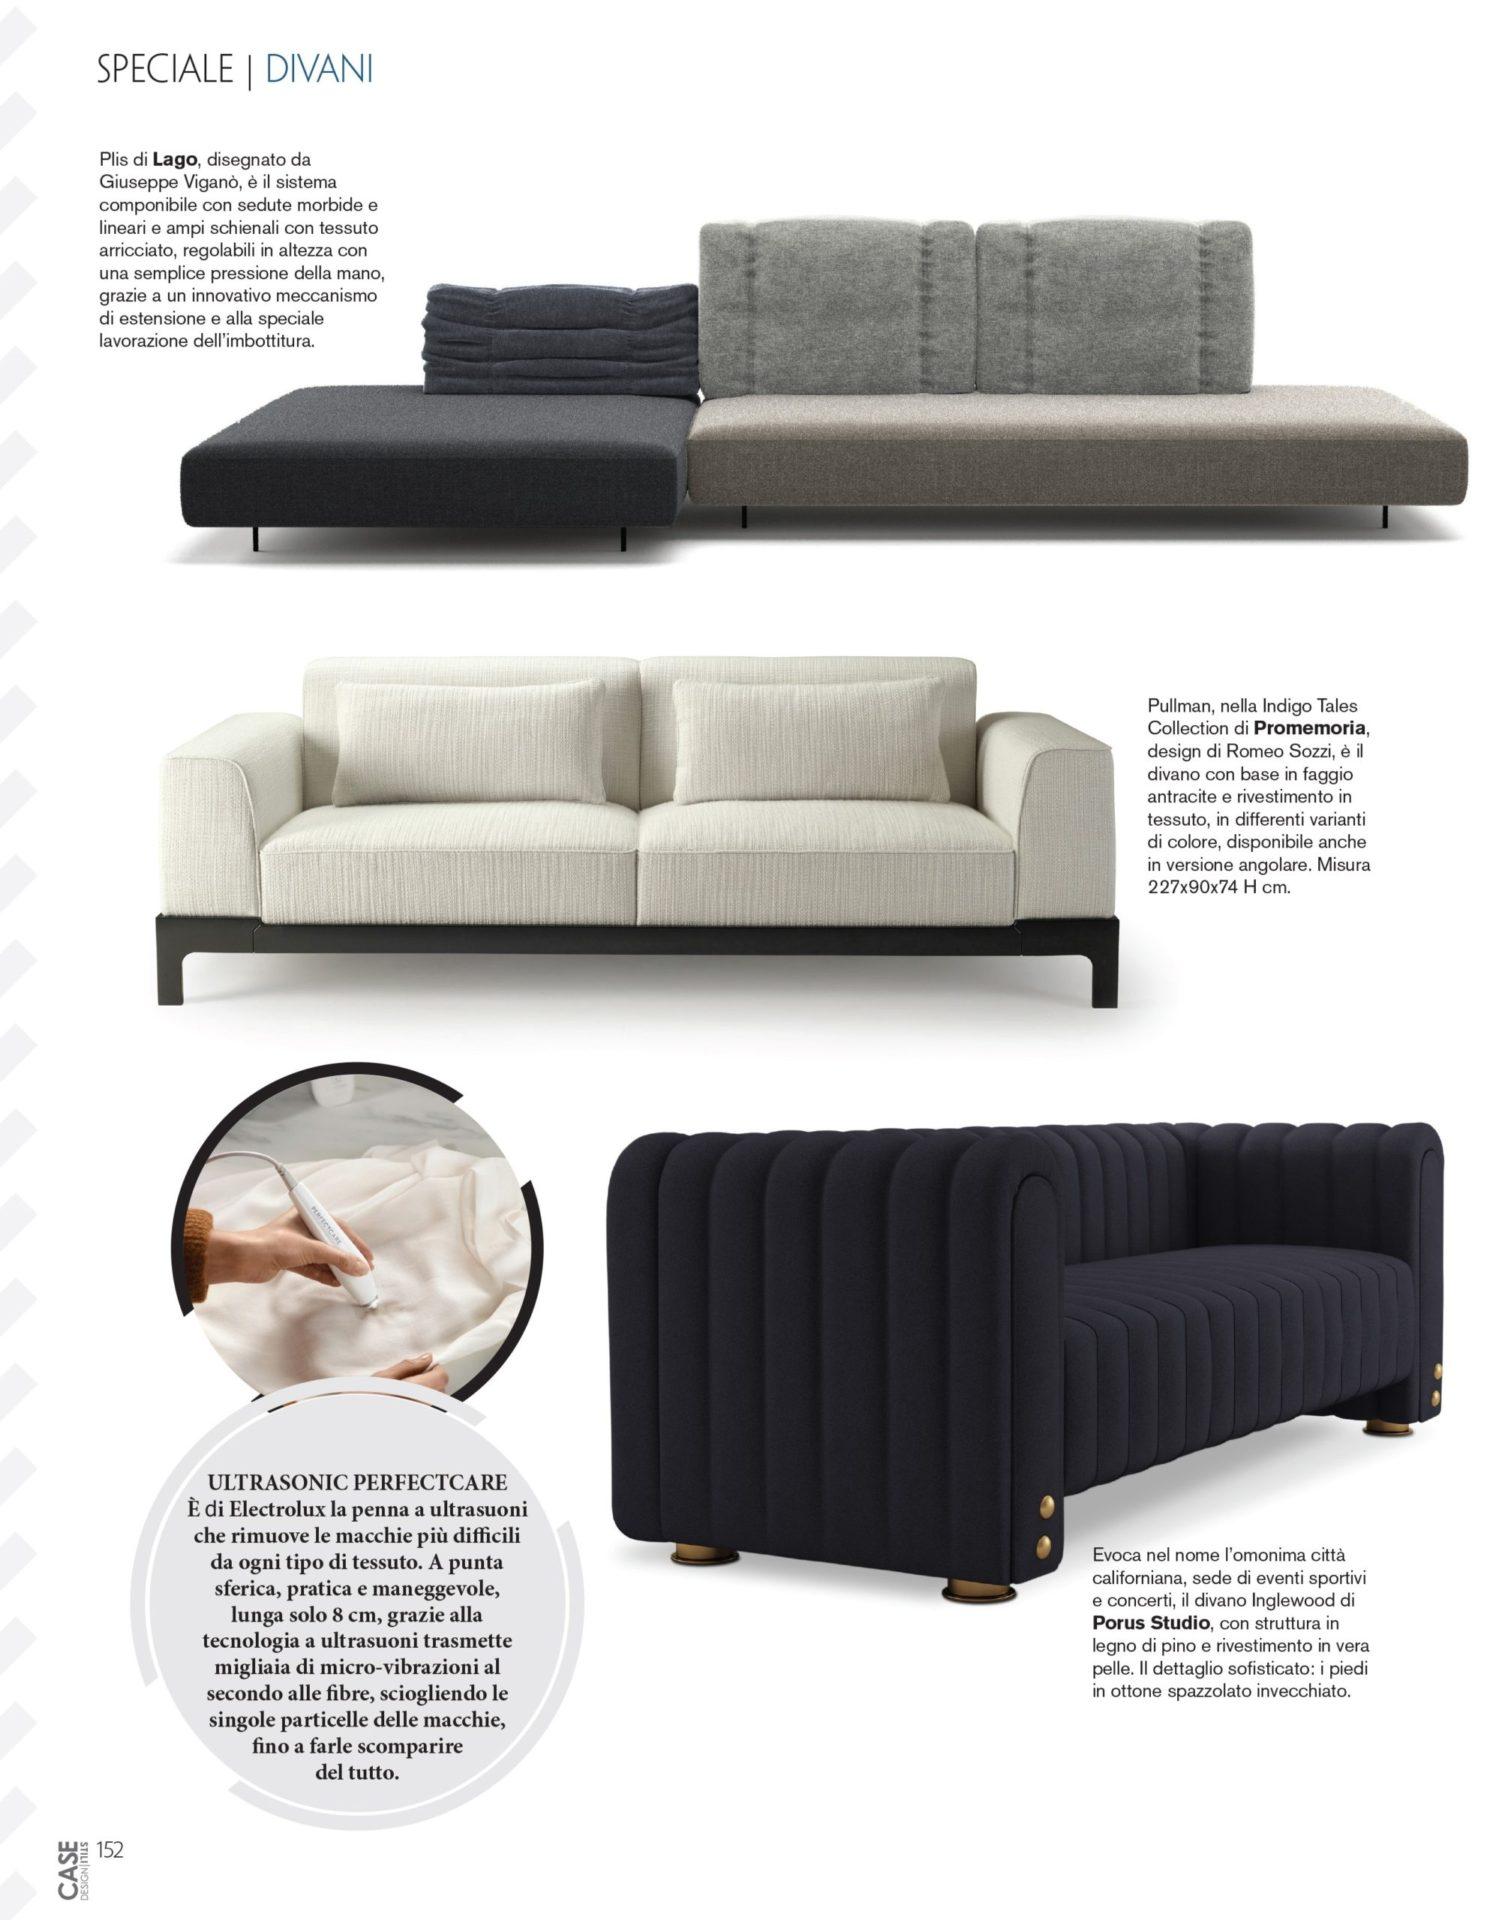 Case E Stili Design porus studio press | porus studio